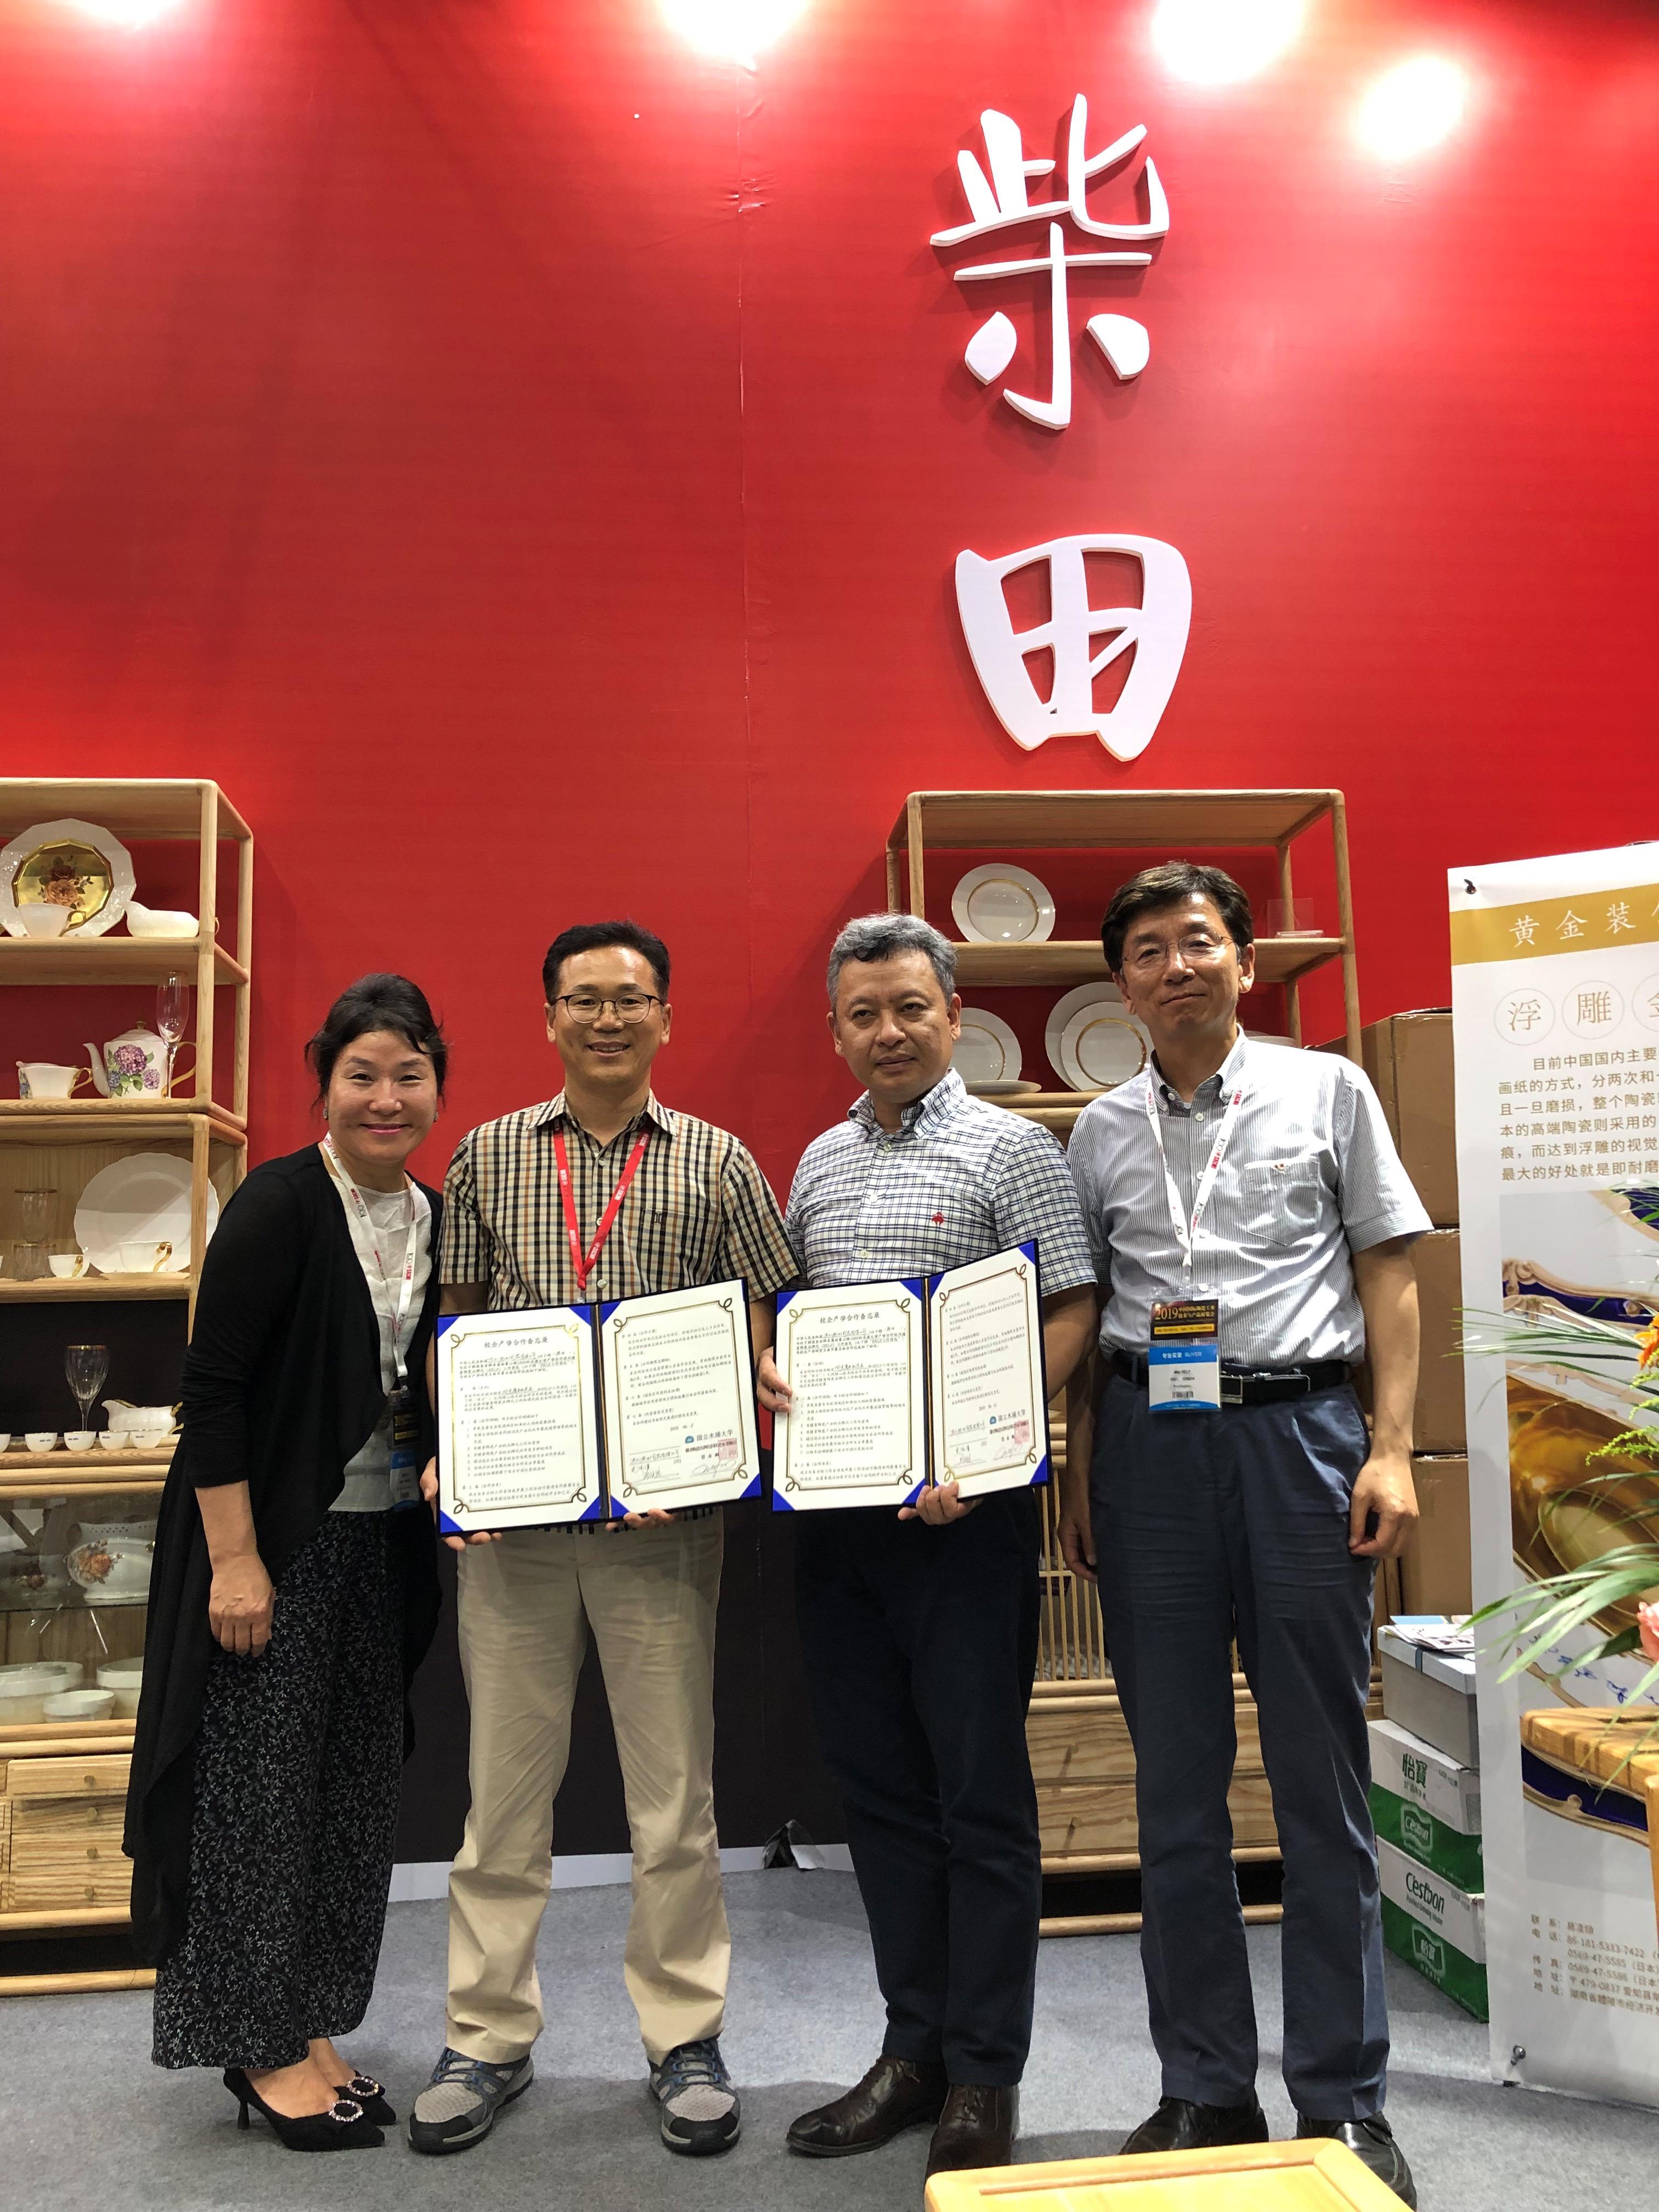 목포대 헬스케어도자명품화(HELP) 사업단, 중국 광저우<br></img>Ceramics CHINA2019 참가